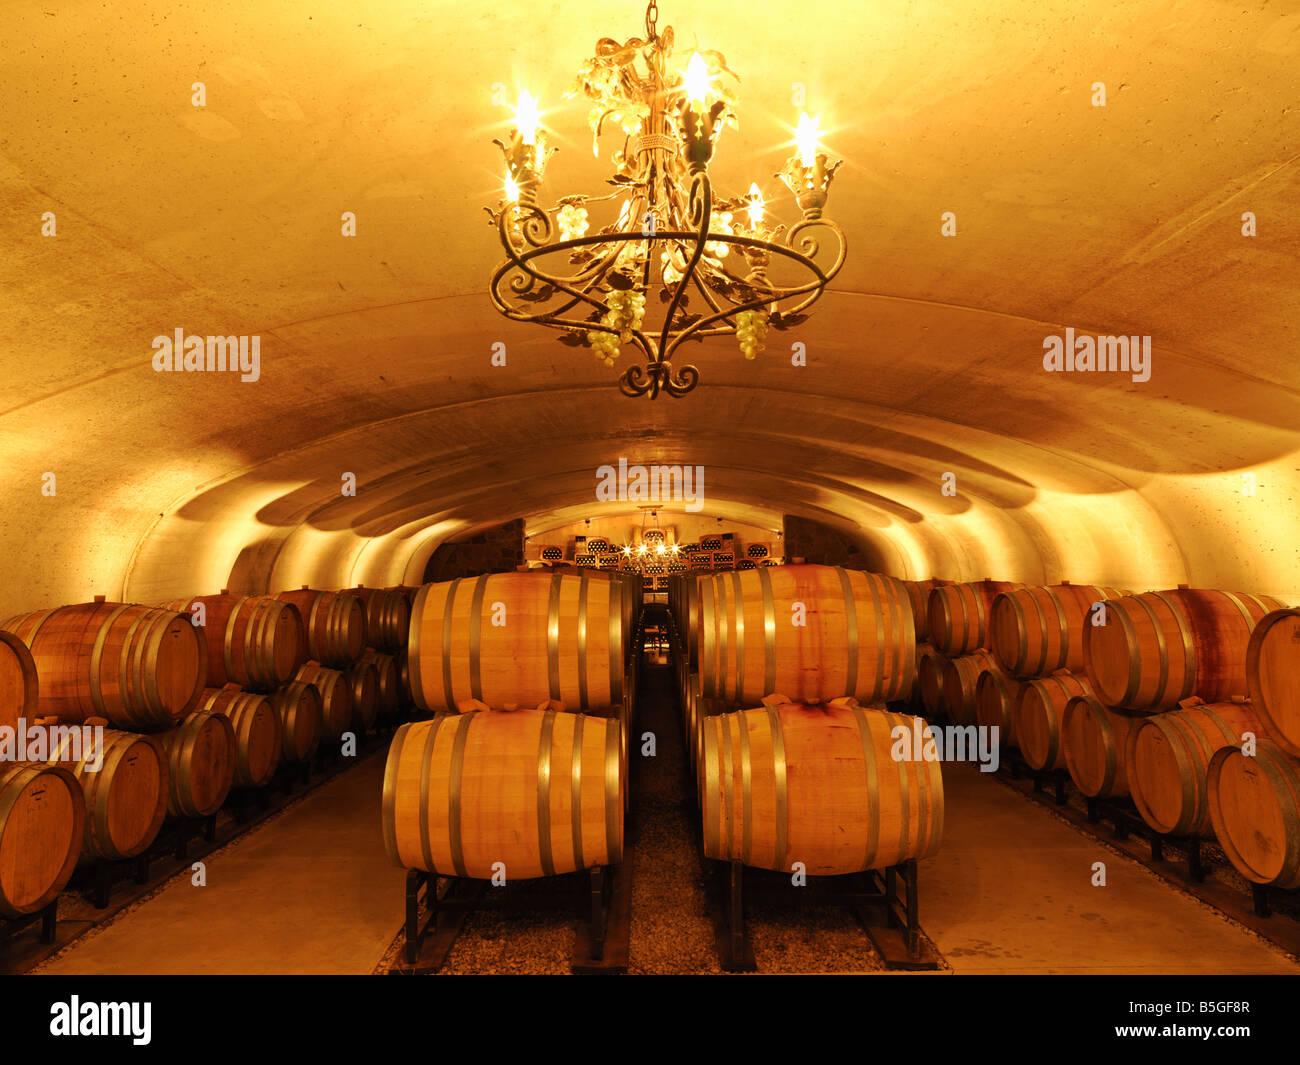 Canada,Ontario,Vineland,wine barrel cellar Vineland Estates Winery Niagara Region Stock Photo